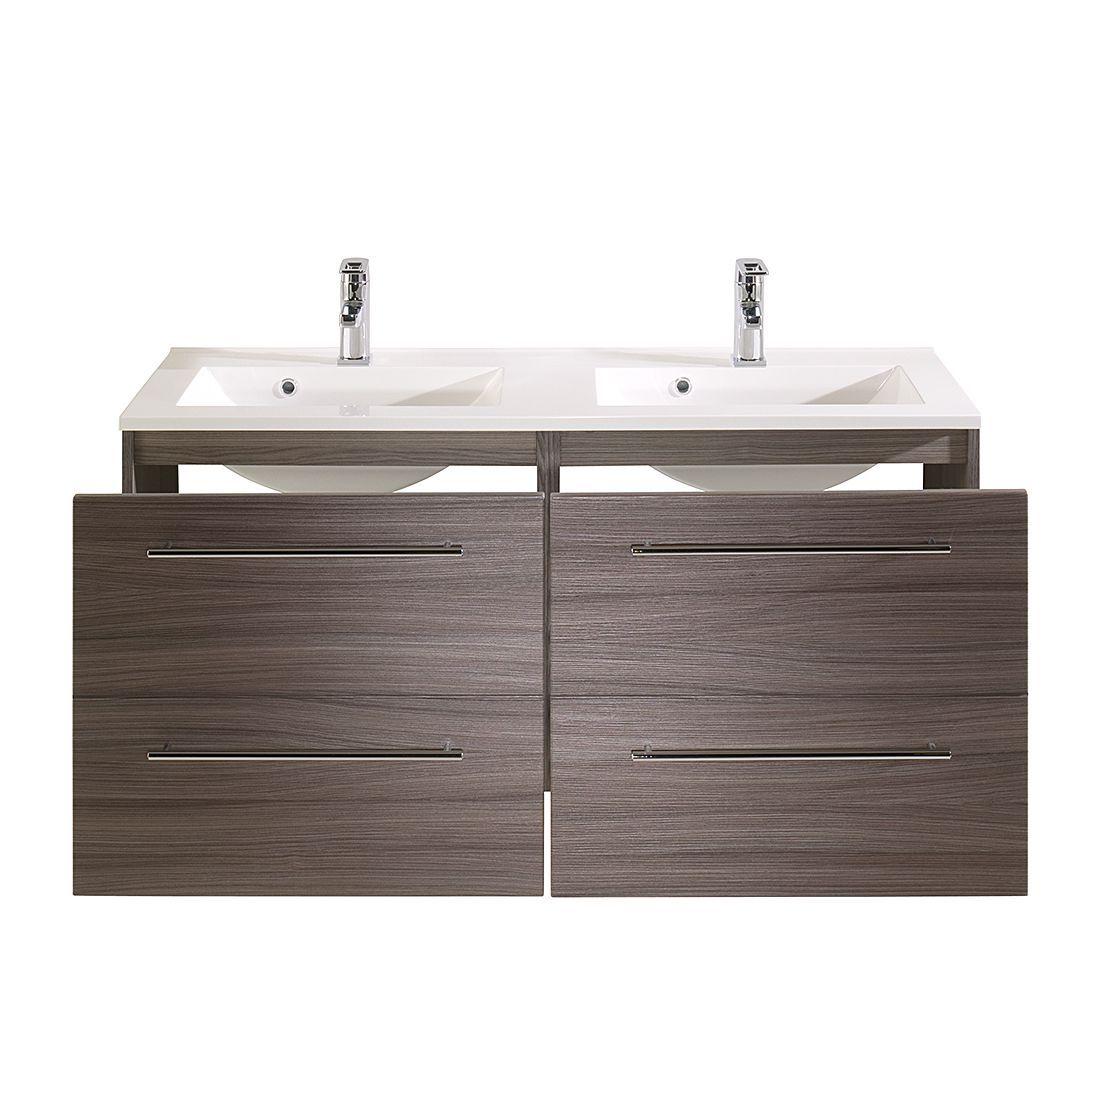 Waschtisch Set Gali 5 Teilig Badmobel Set Badezimmer